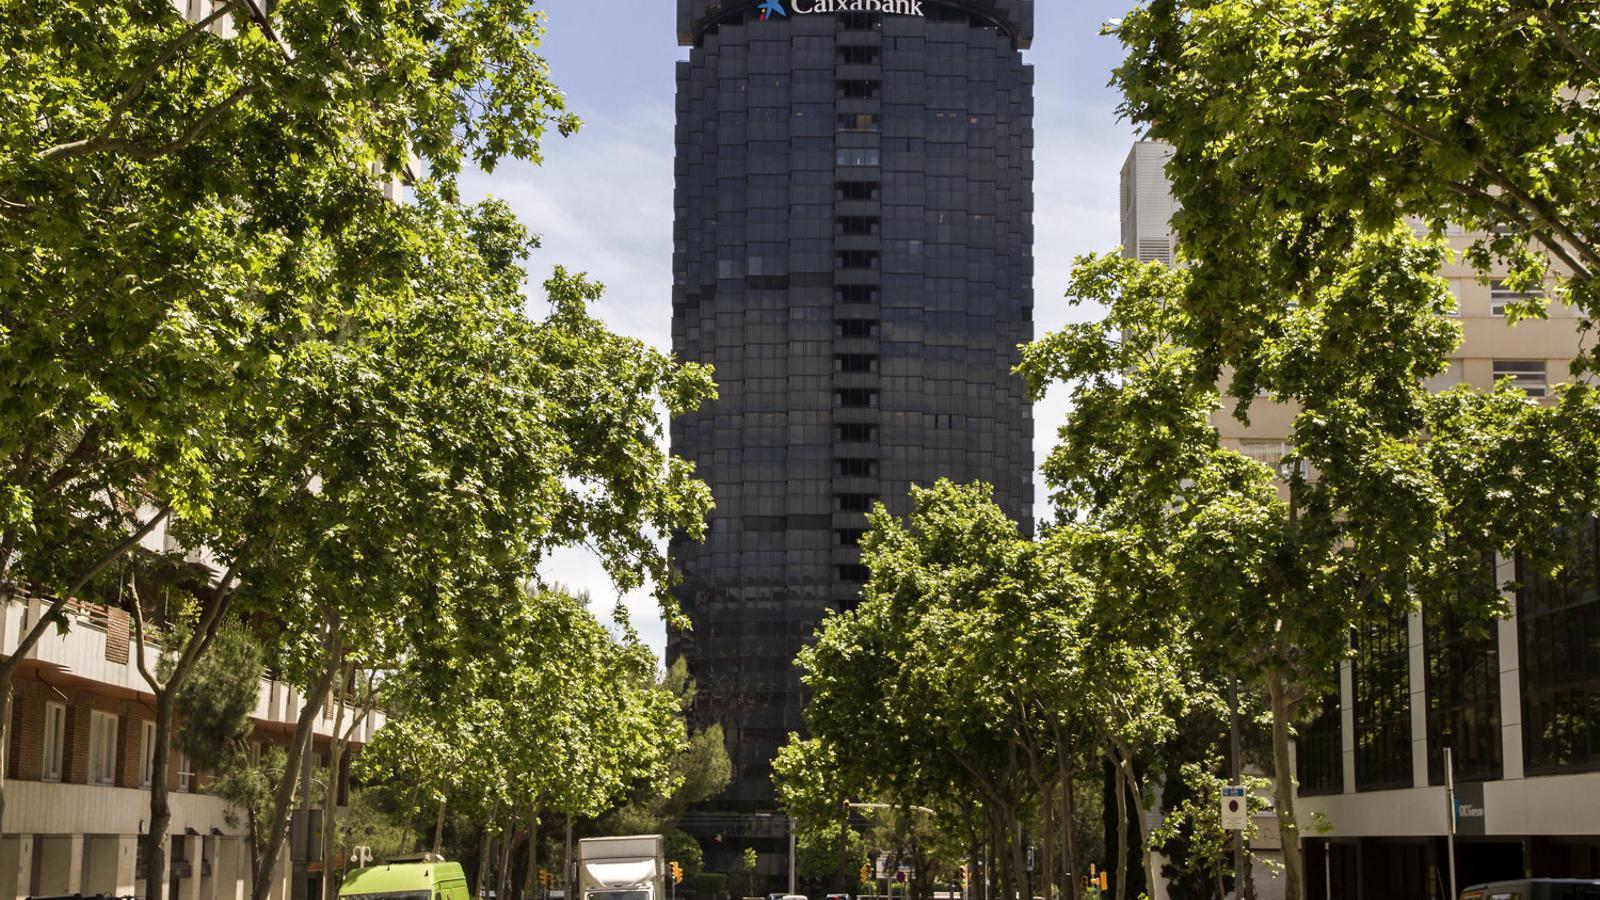 Les oficines de CaixaBank a l'avinguda Diagonal de Barcelona.